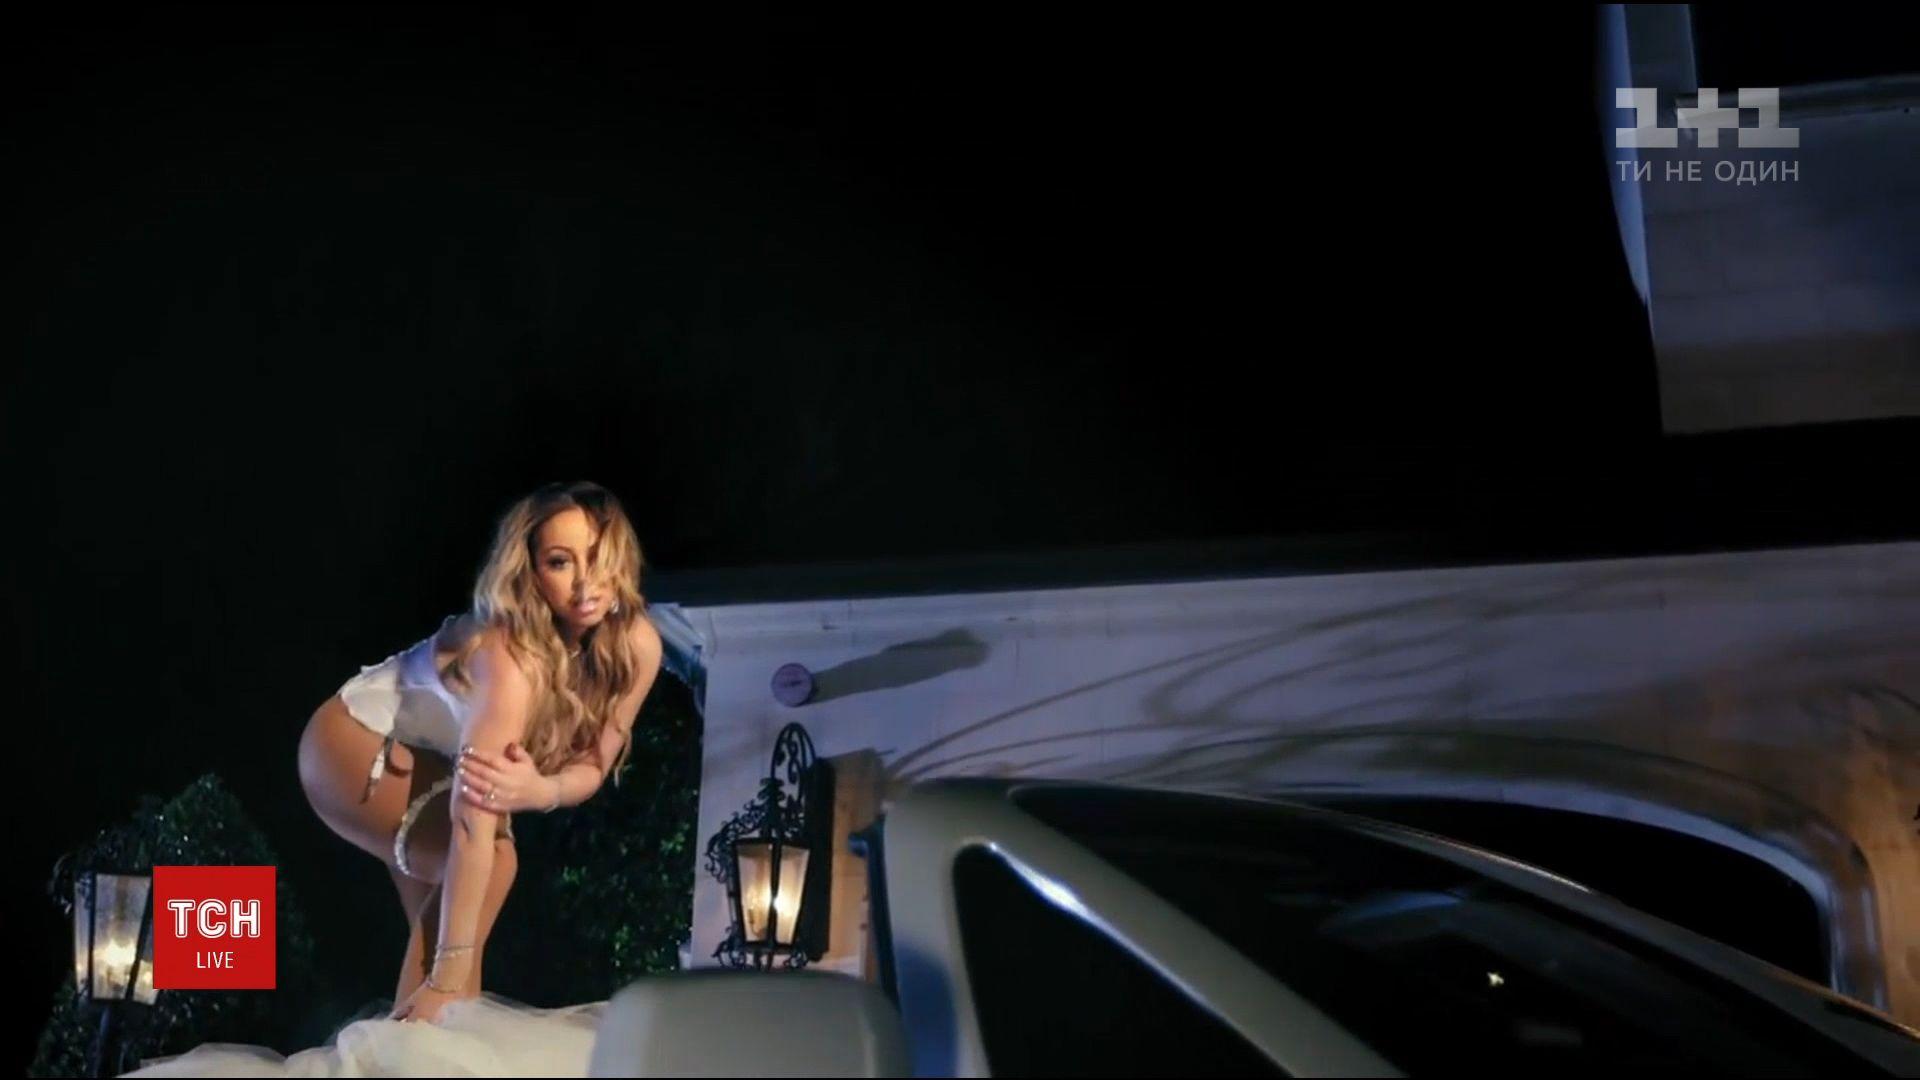 Мэрайя Кэри в клипе сожгла дорогое платье, в котором должна была выйти замуж за бывшего /